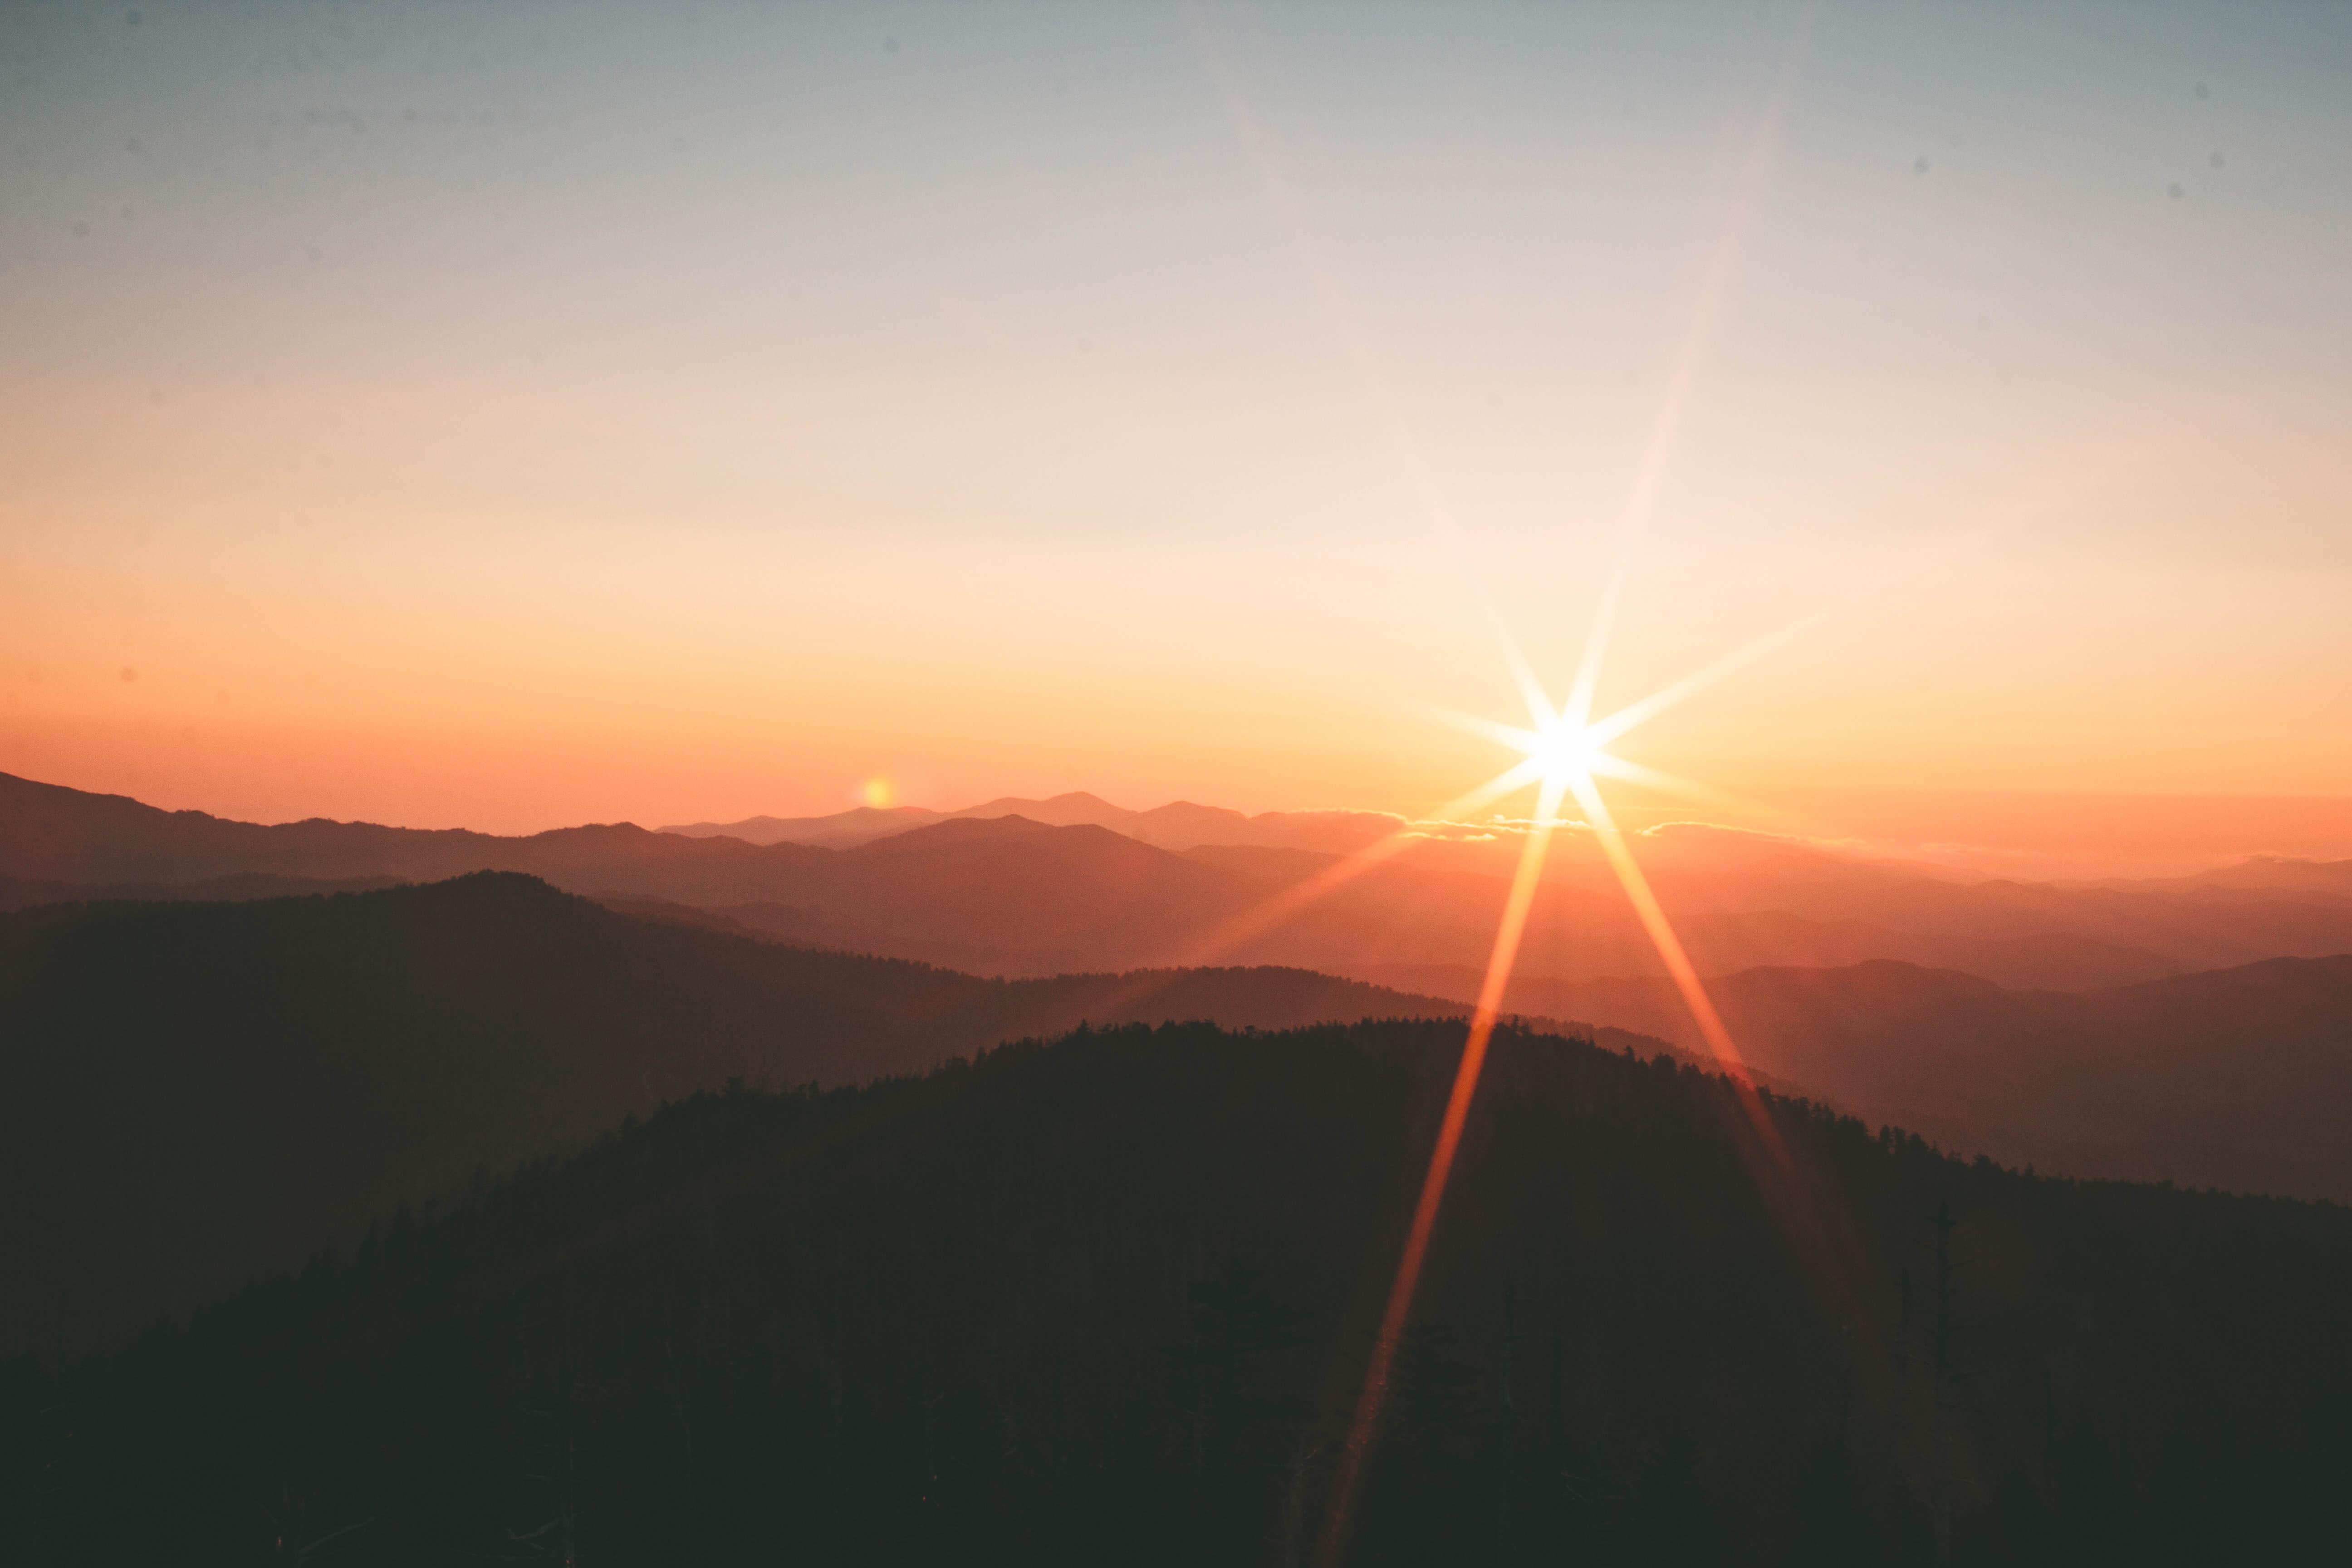 soleil montagne paysage